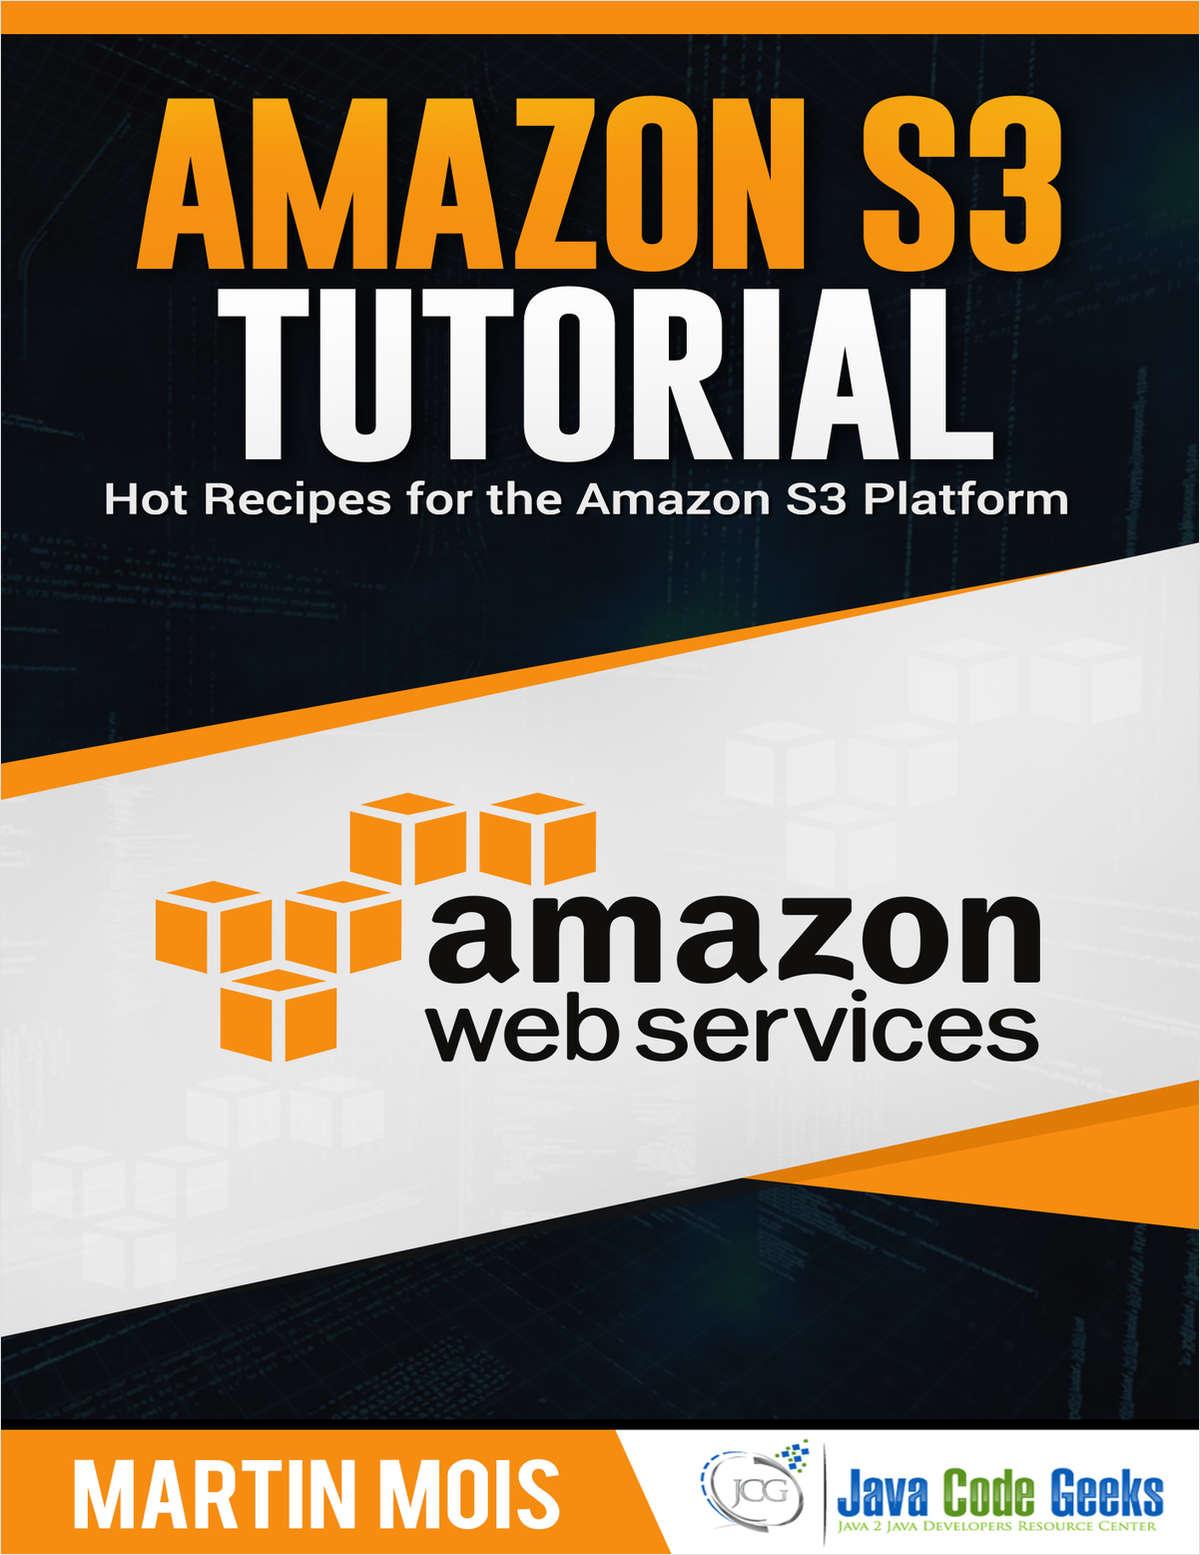 Amazon S3 Tutorial